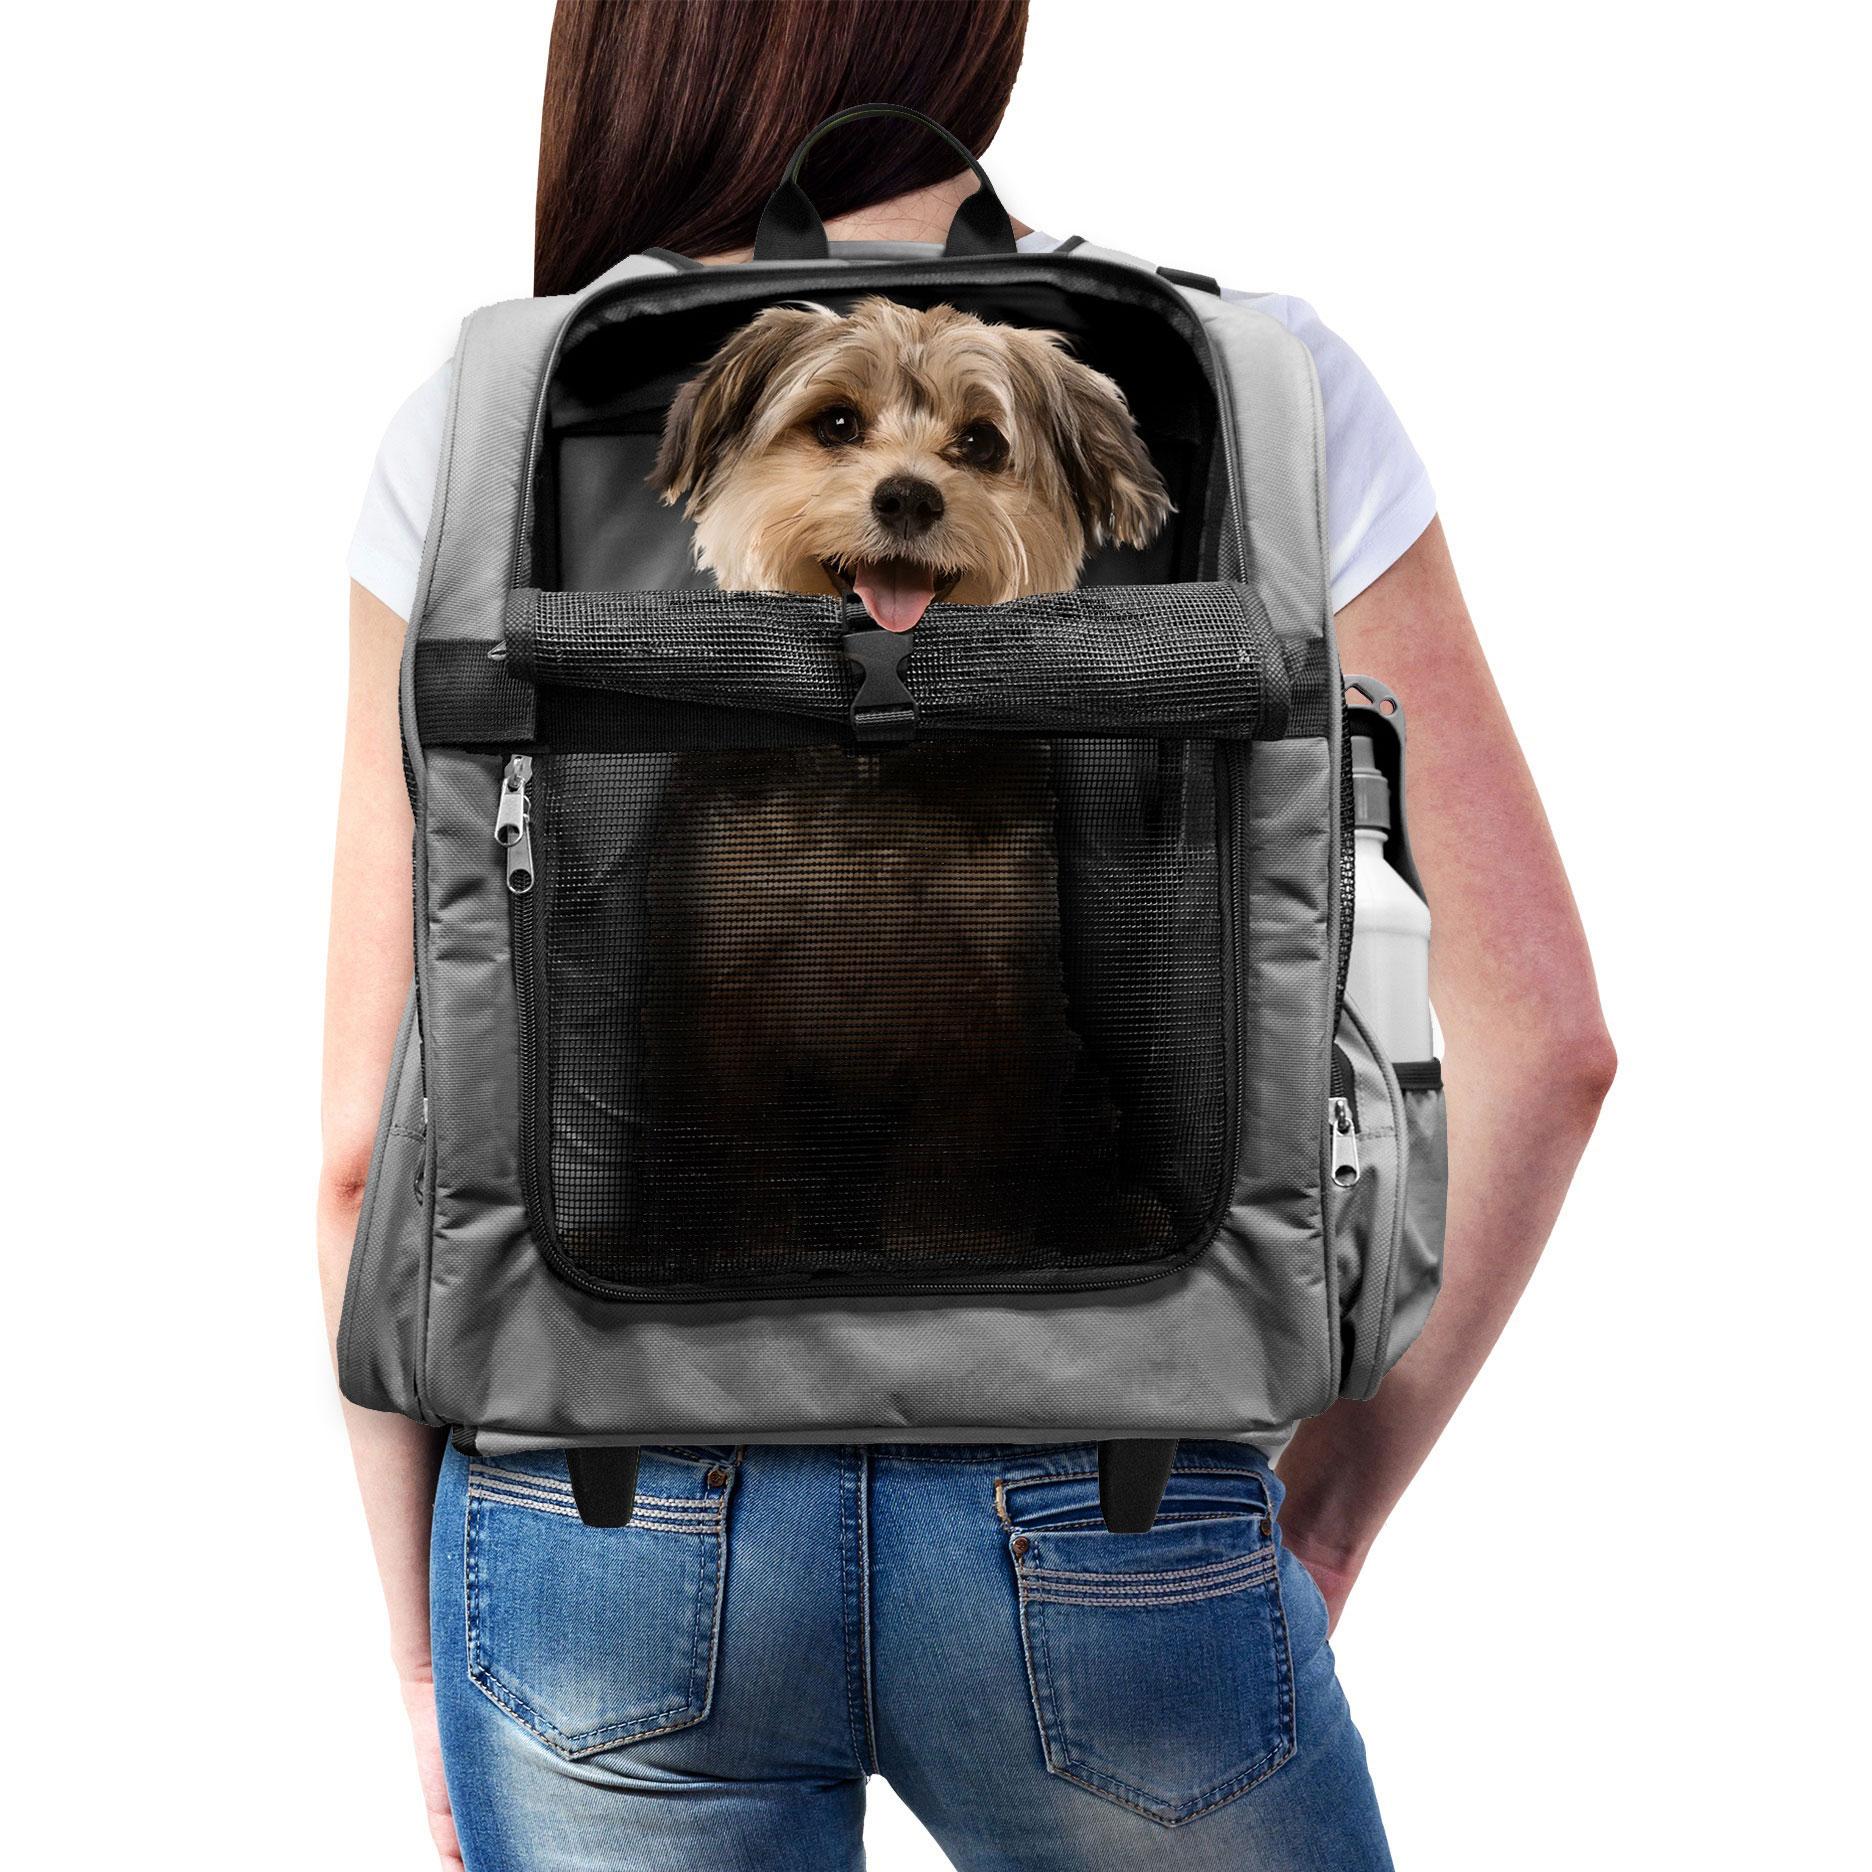 Furhaven Pet Backpack Roller Carrier Travel Pet Carrier